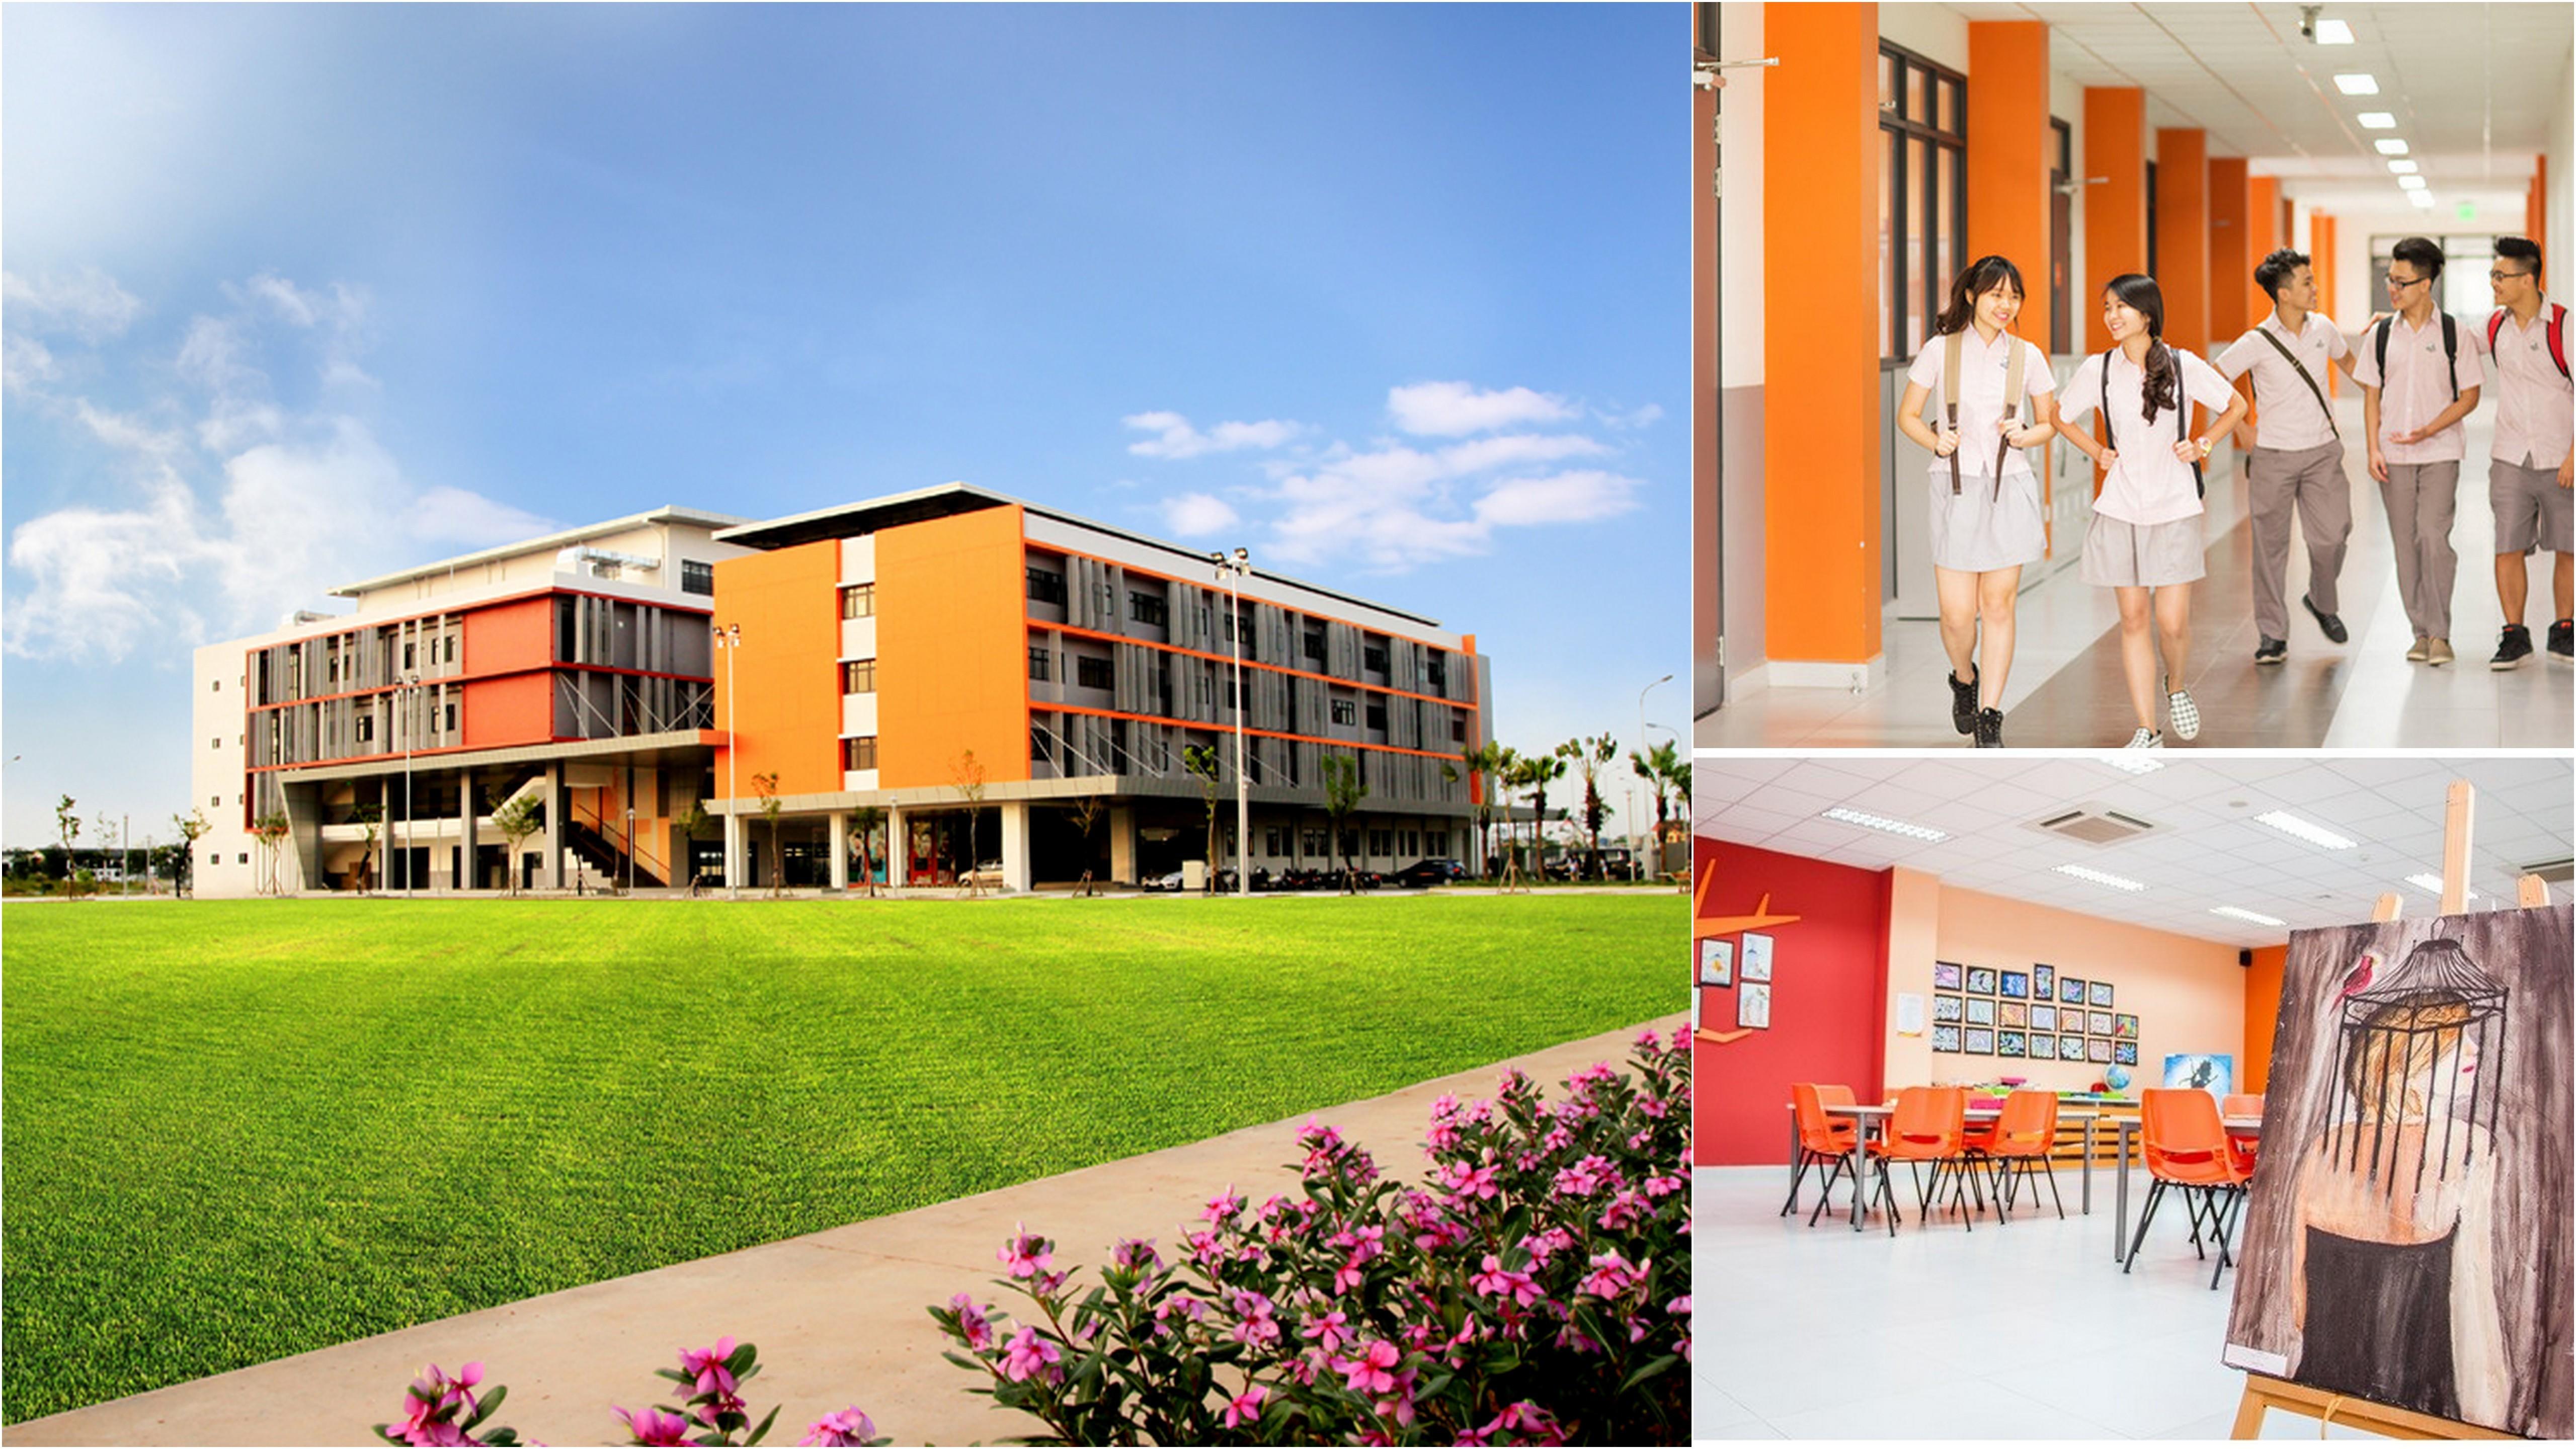 Săm soi độ sang chảnh của Trường liên cấp quốc tế Singapore đẳng cấp 5 sao dành cho con nhà giàu Hà Nội